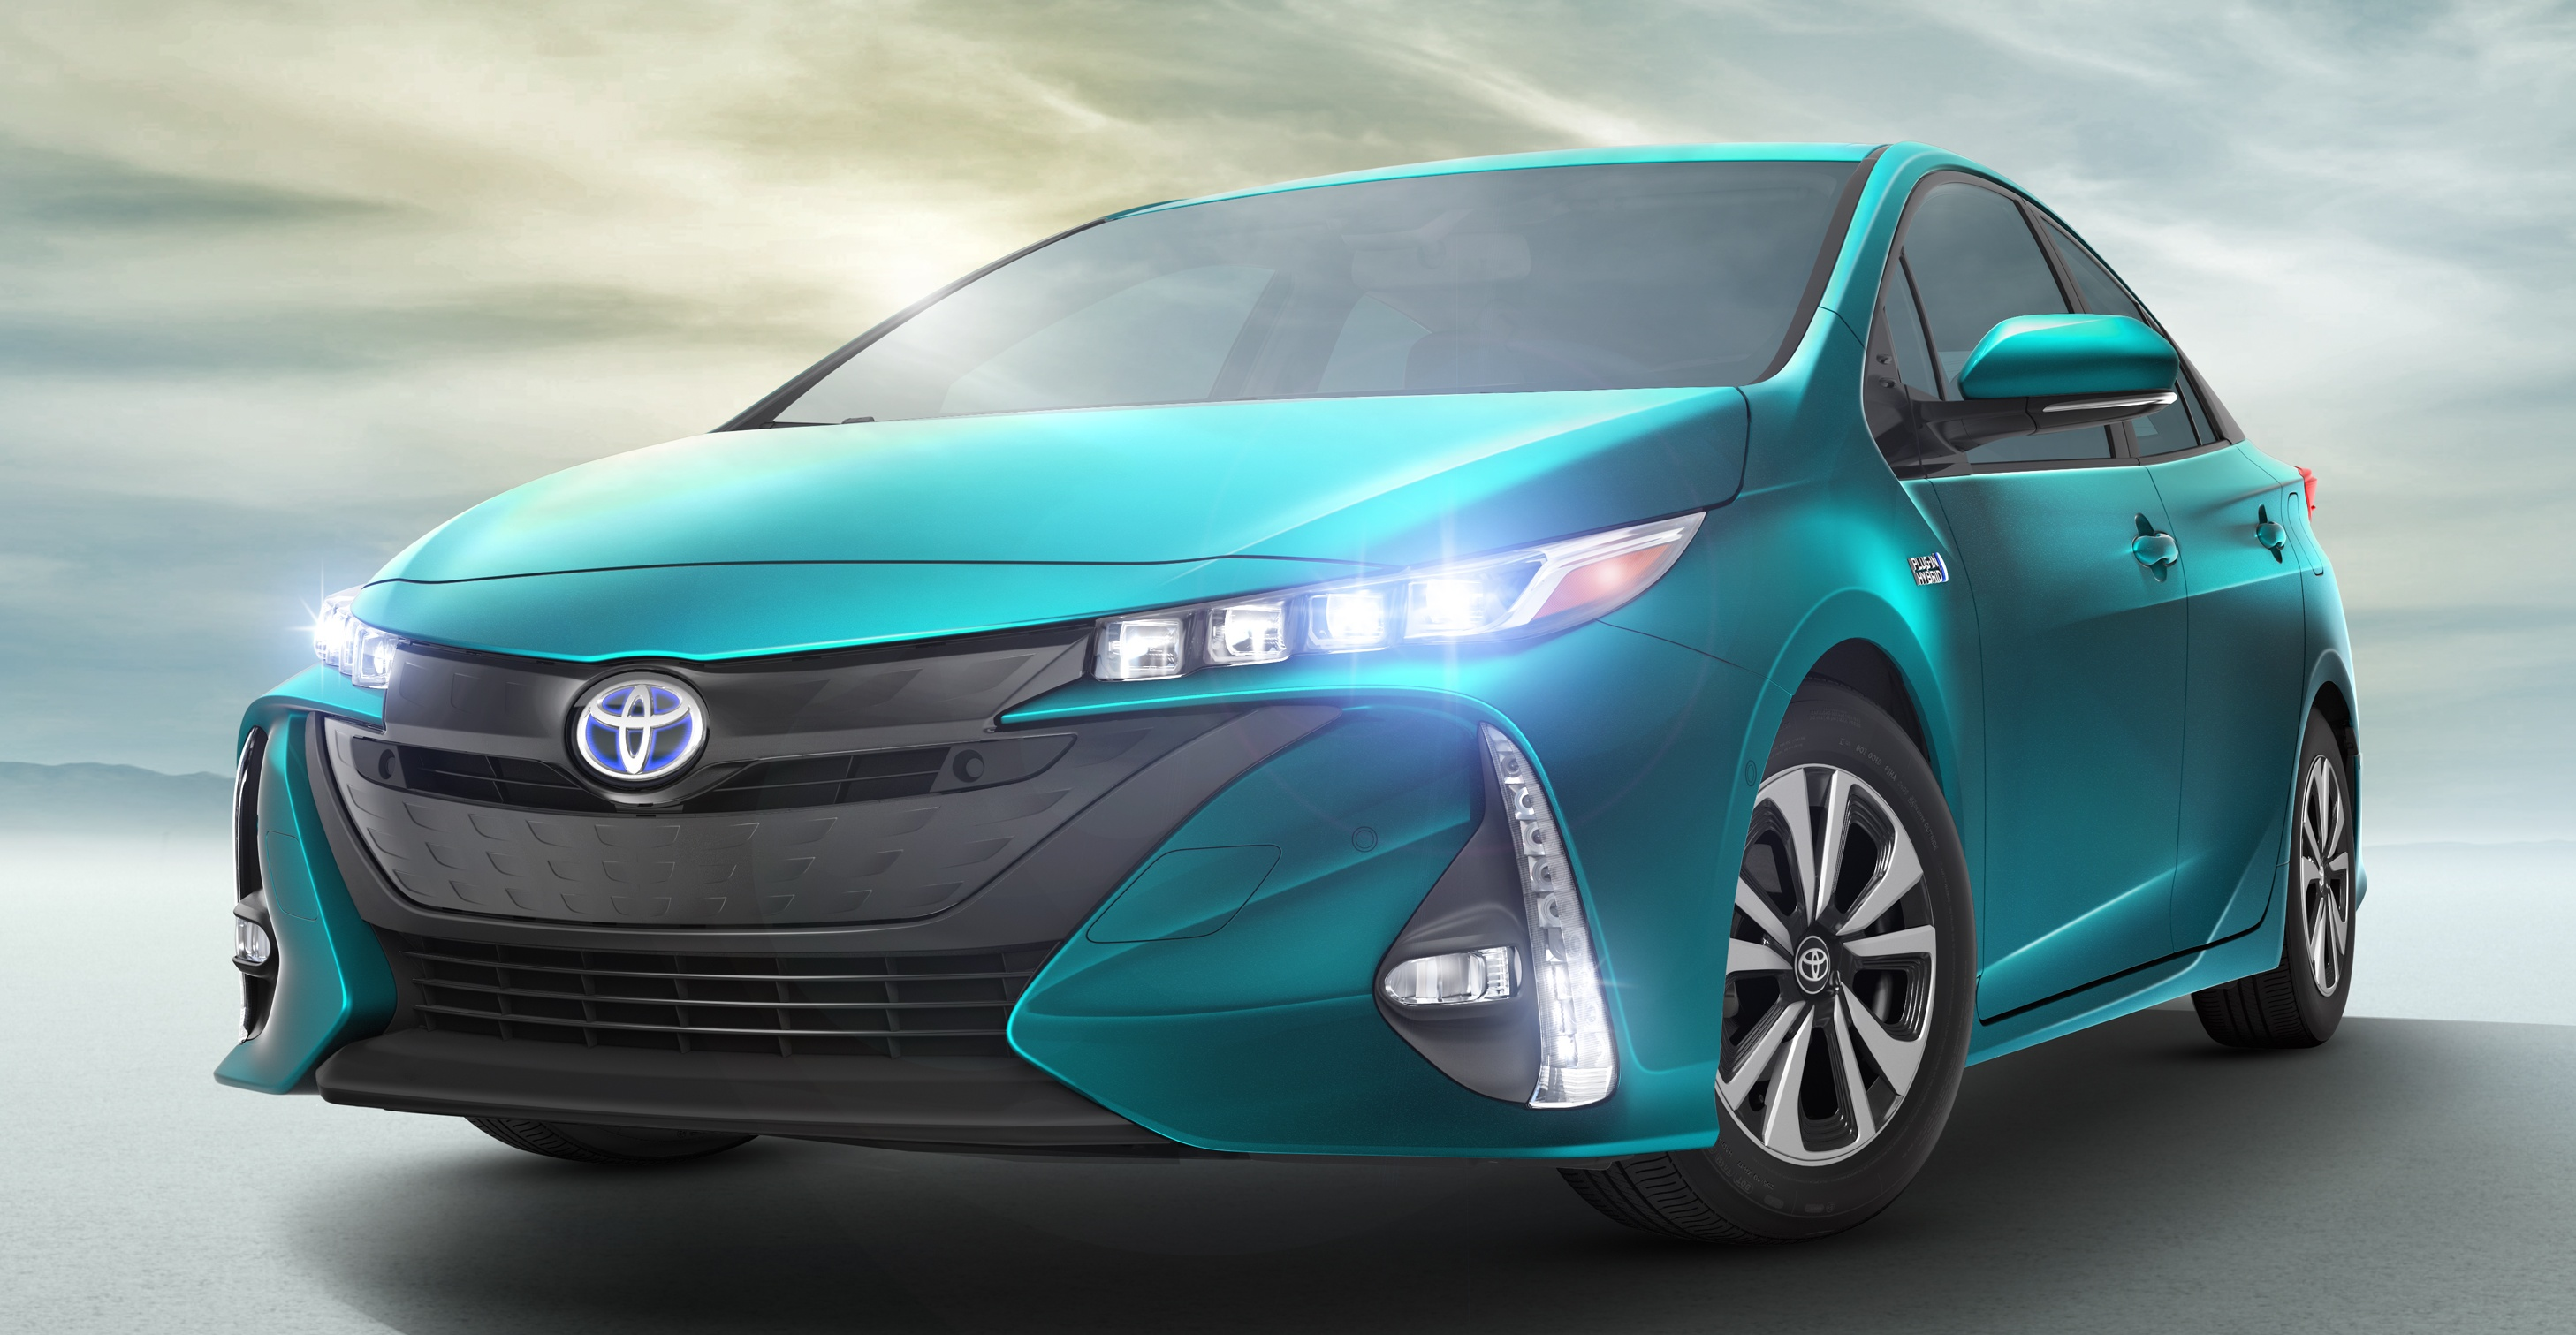 2017 Toyota Prius Prime Plug In Hybrid 1 4 L 100 Km